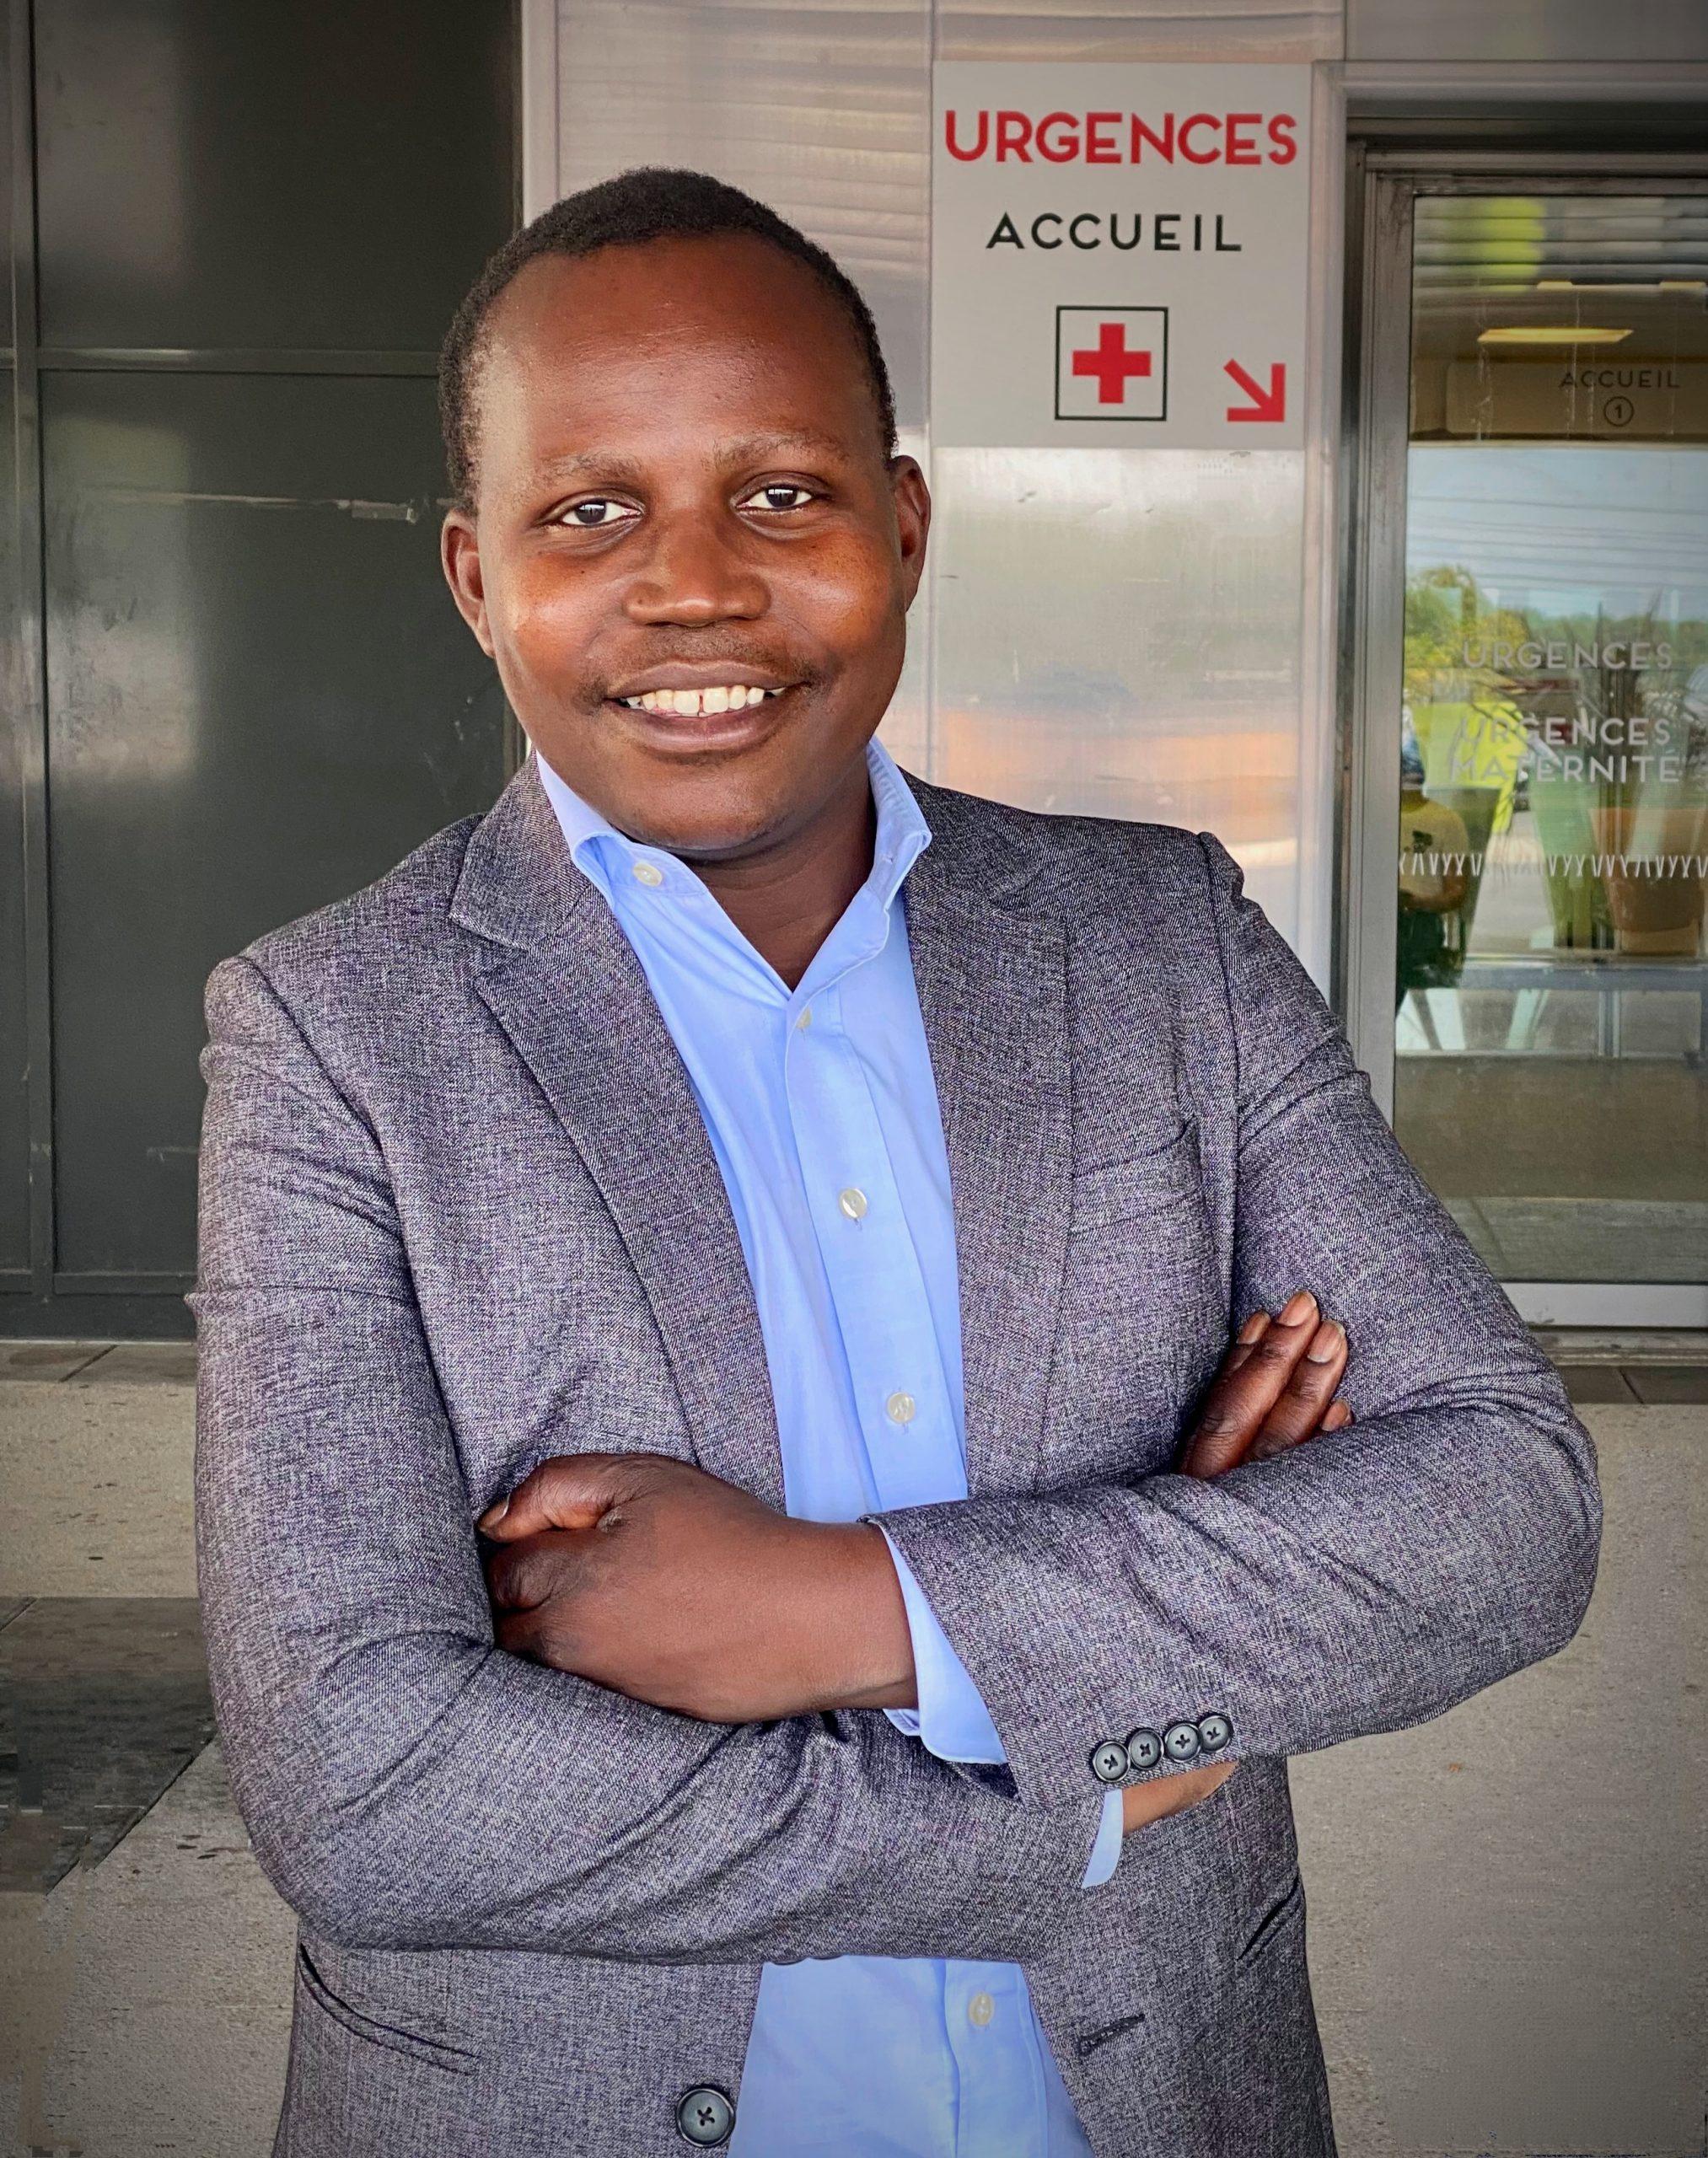 Dr Mpela